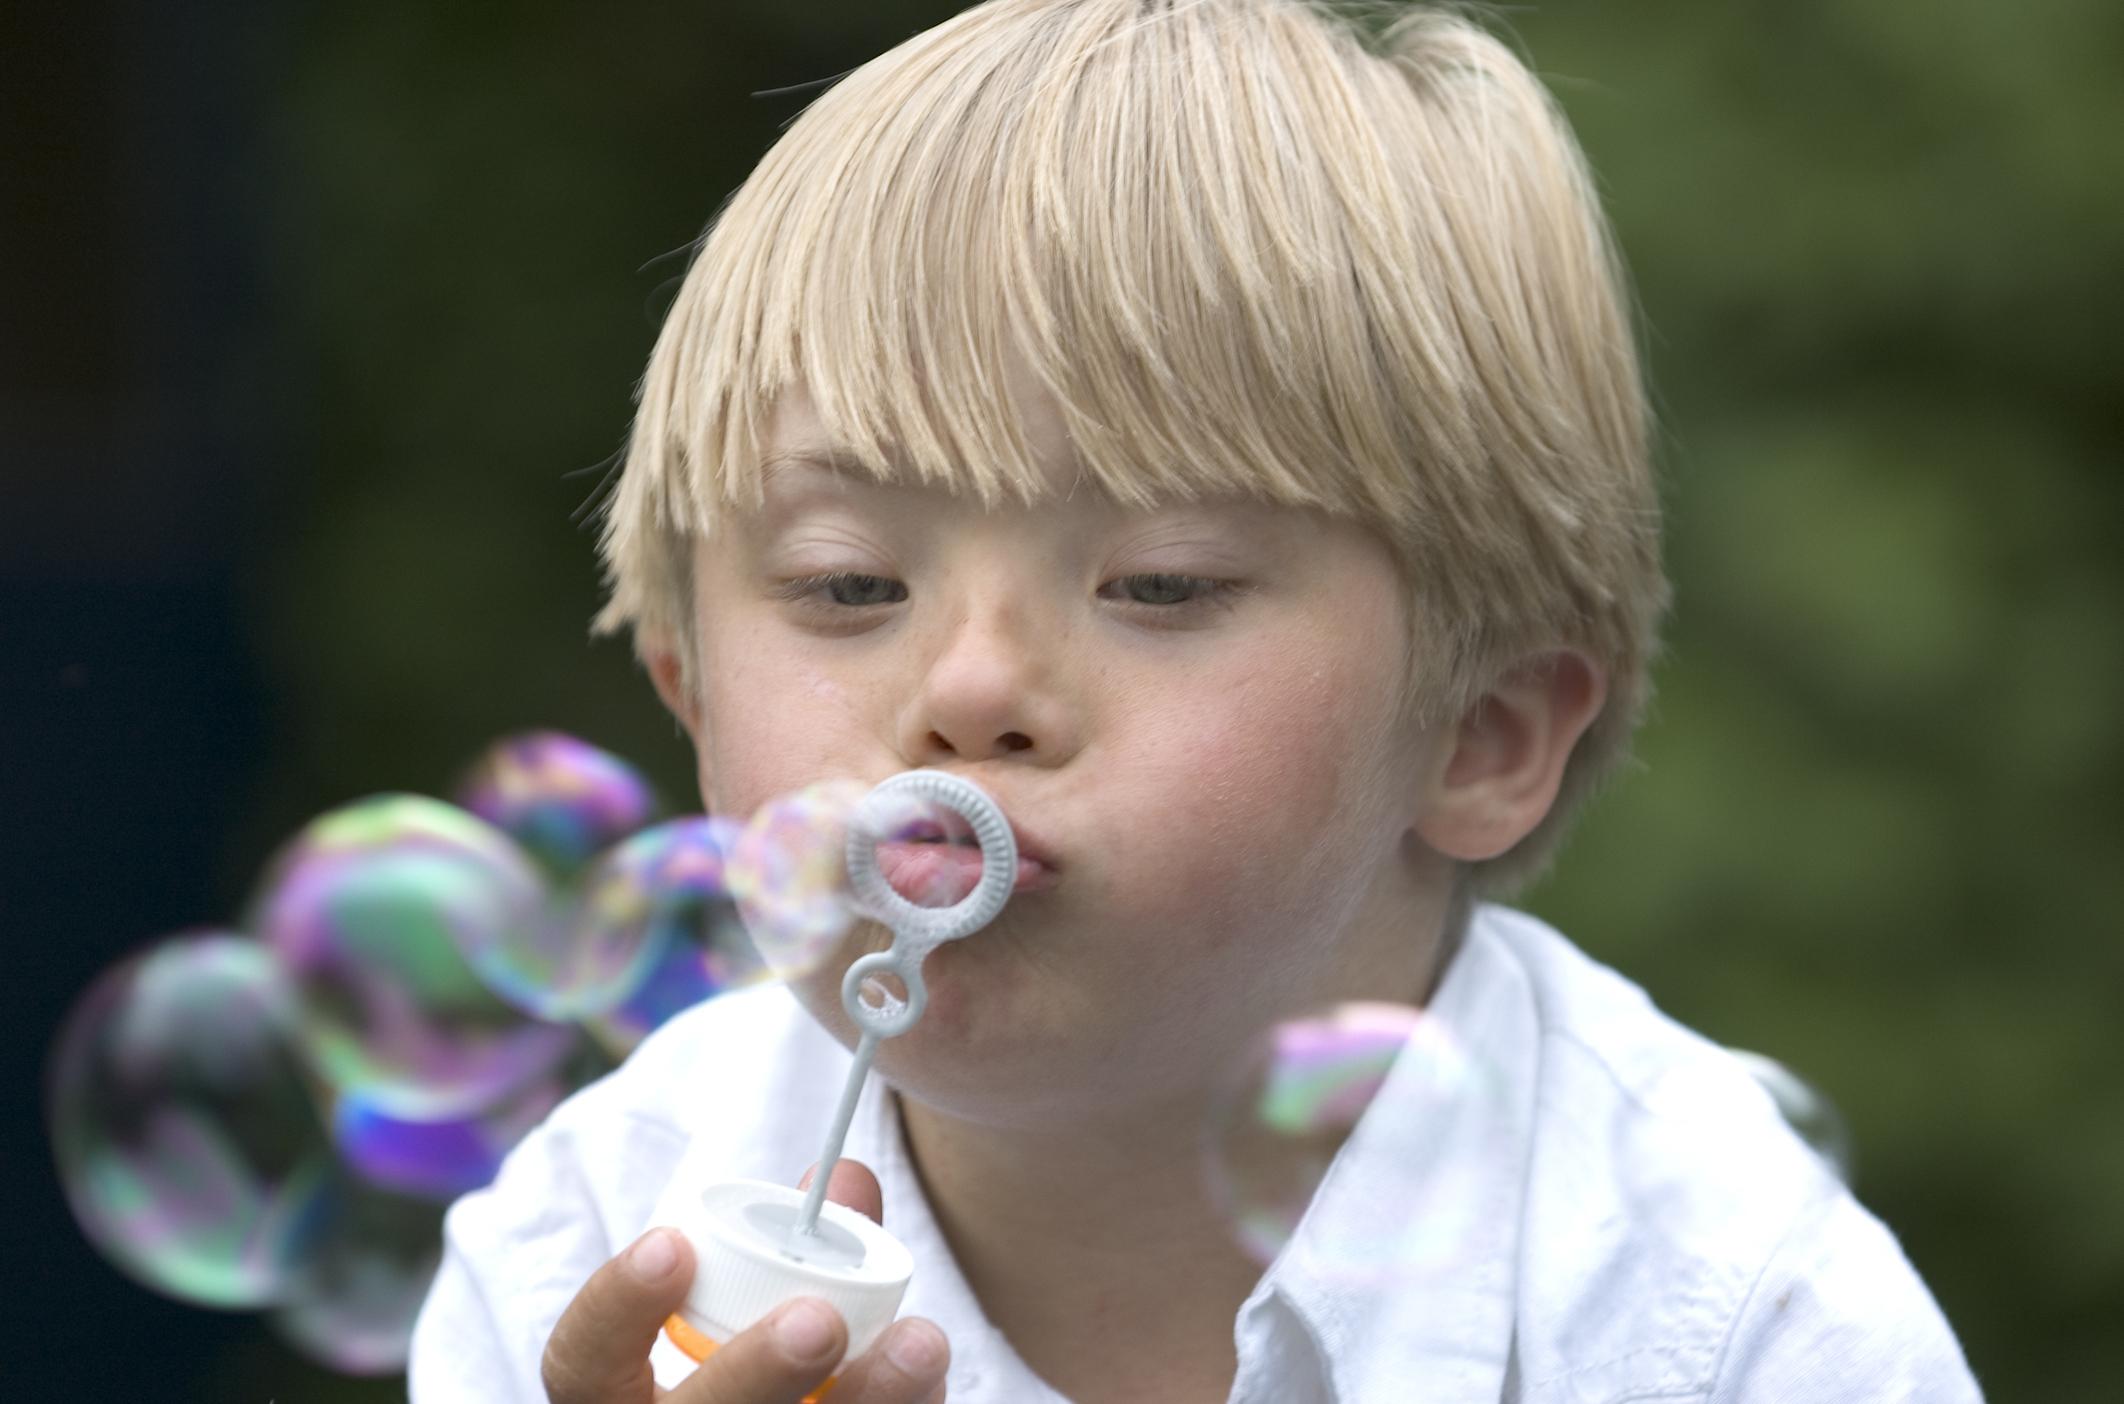 Sindrome di Down: le cause e i sintomi nei neonati